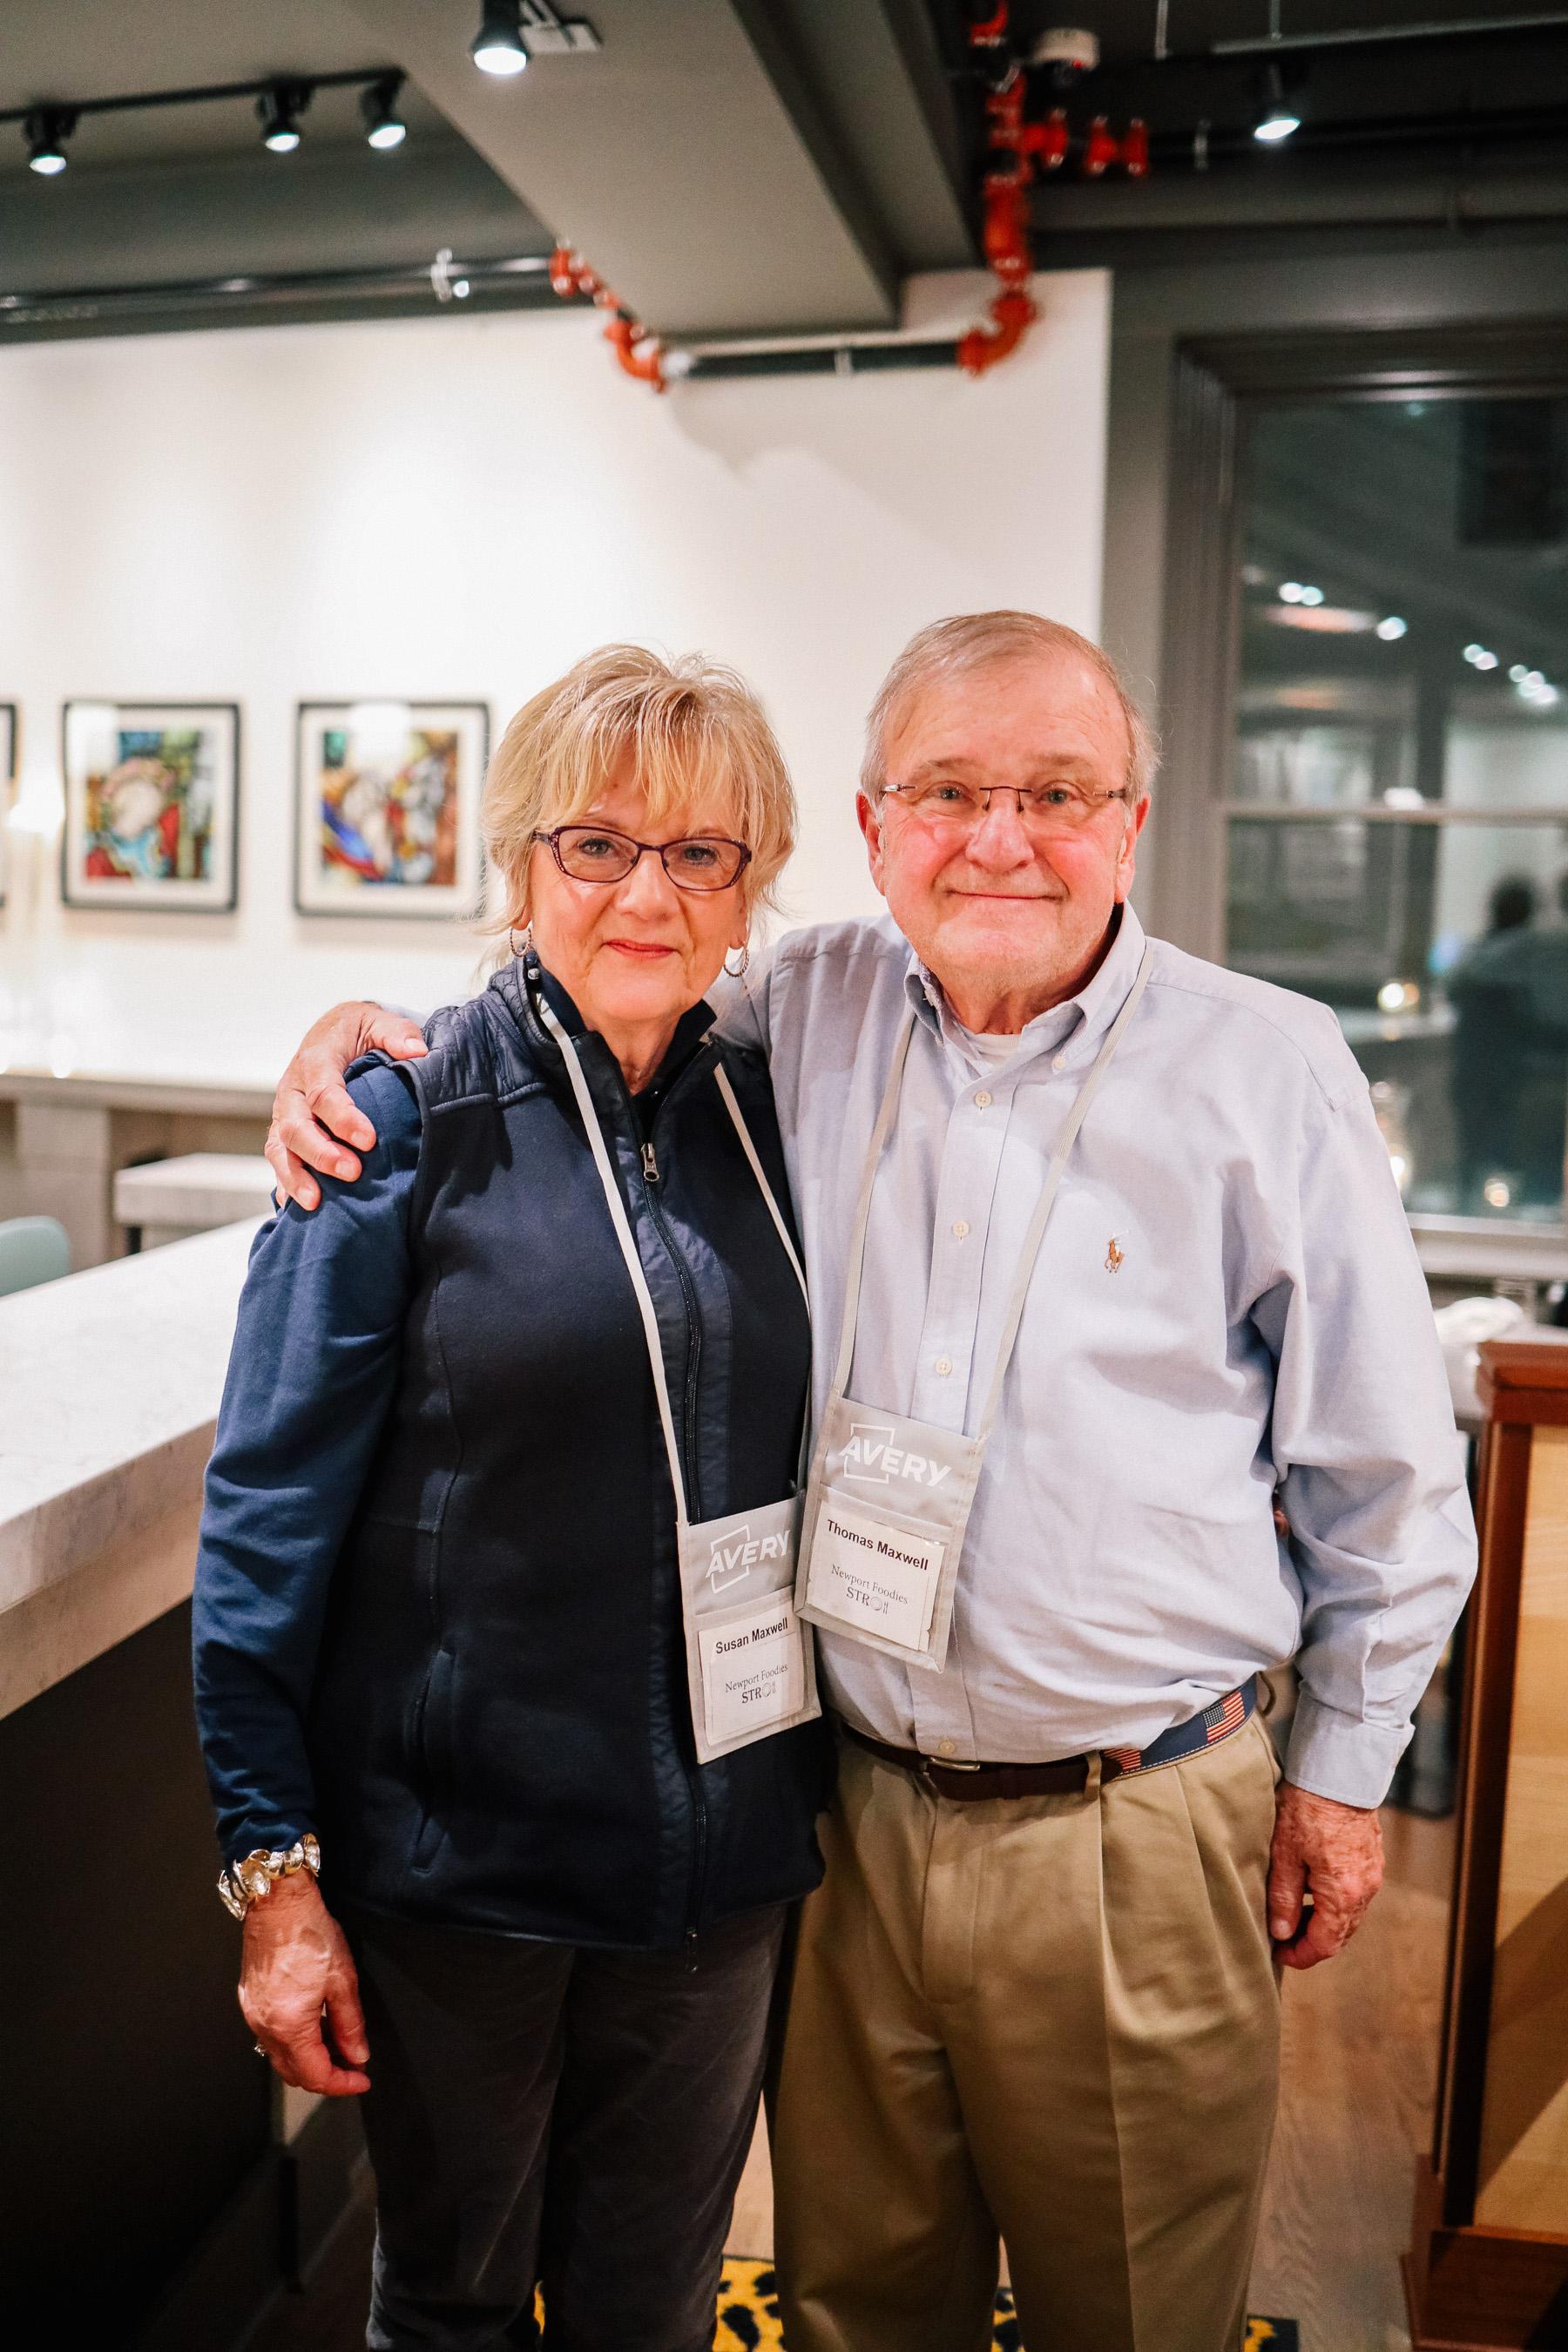 Susan and Thomas Maxwell